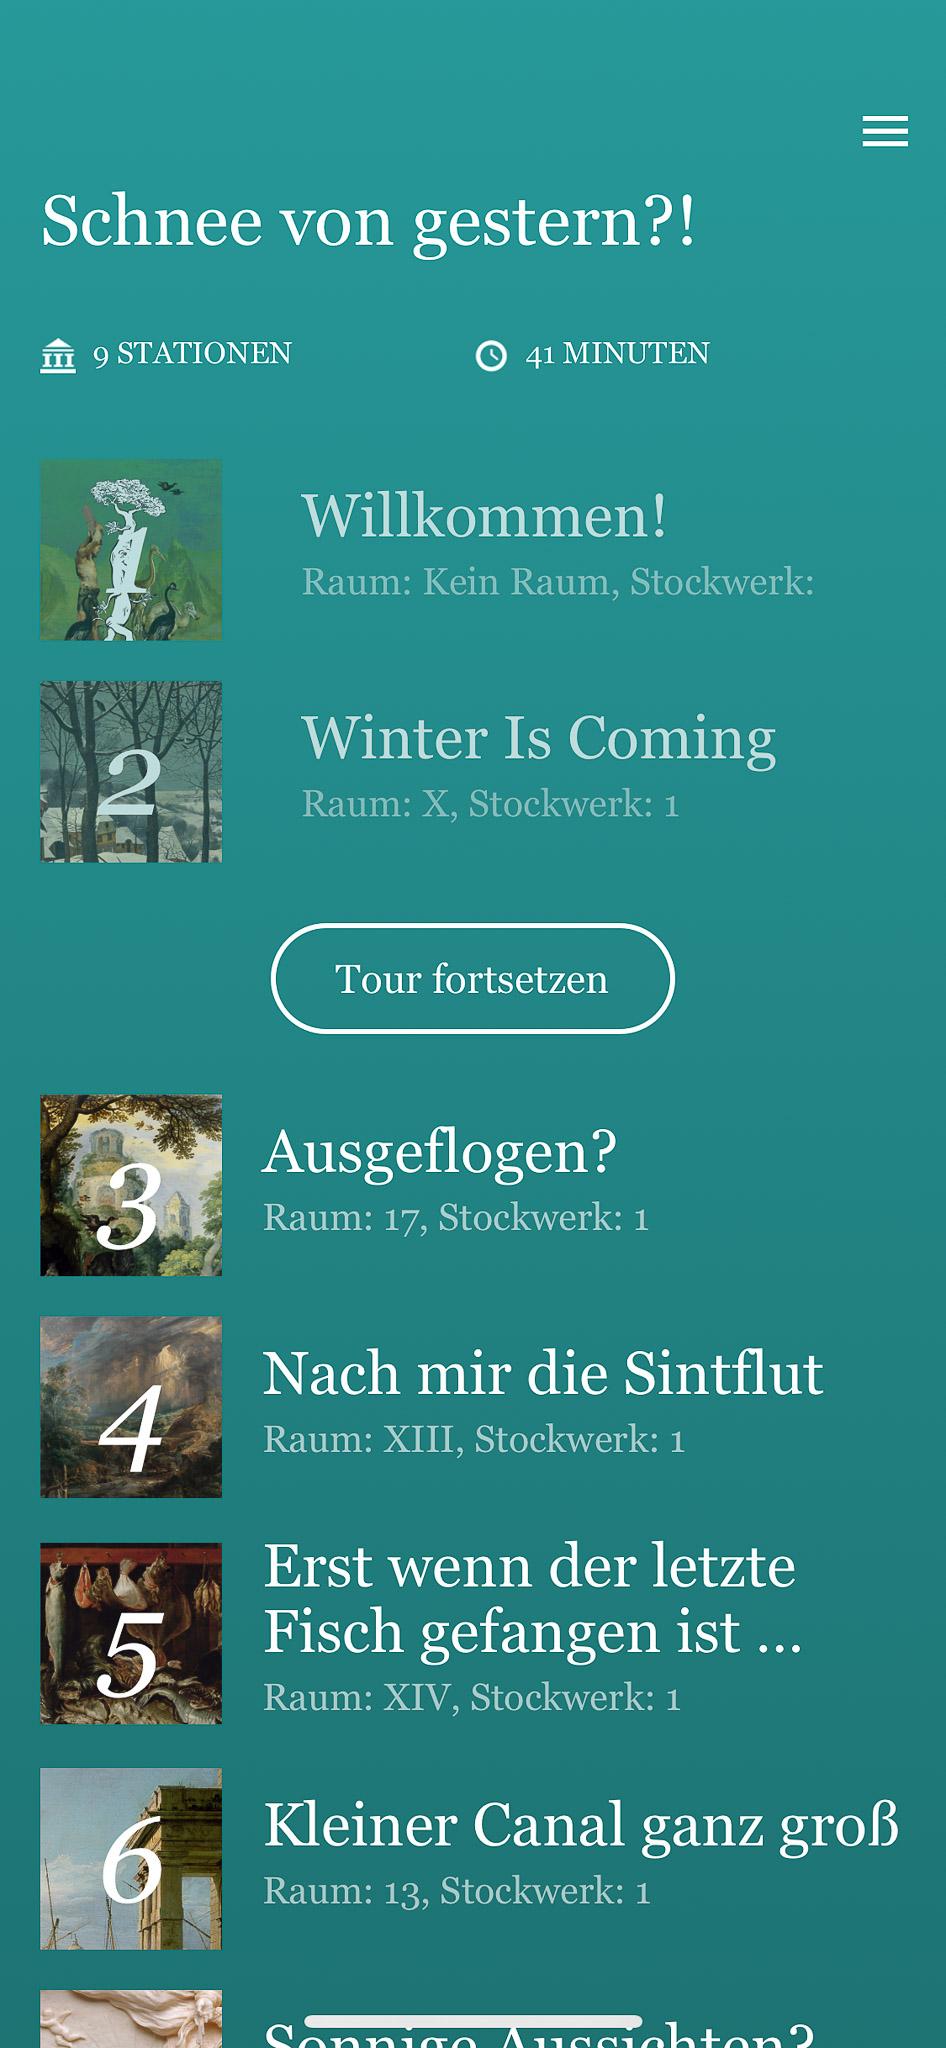 20190912_182104_khm_stories_klima_kunst_katastrophen_schnee_von_gestern_3284.jpg